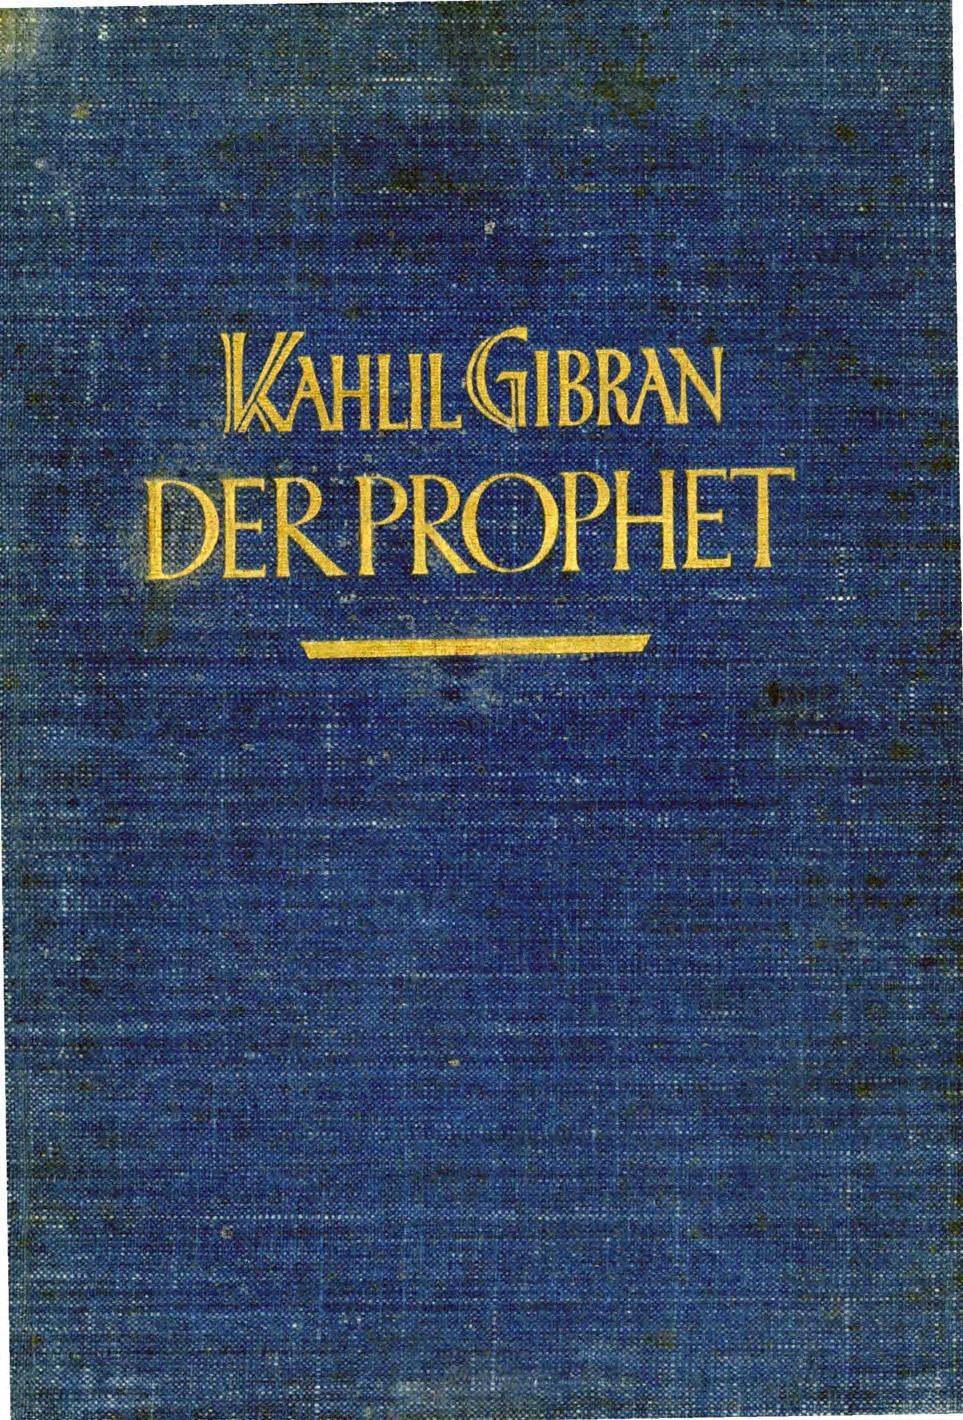 K. Gibran, Der Prophet (The Prophet), translated into German by Georg-Eduard Freiherr von Stietencron, München: Hyperionverlag, 1925.